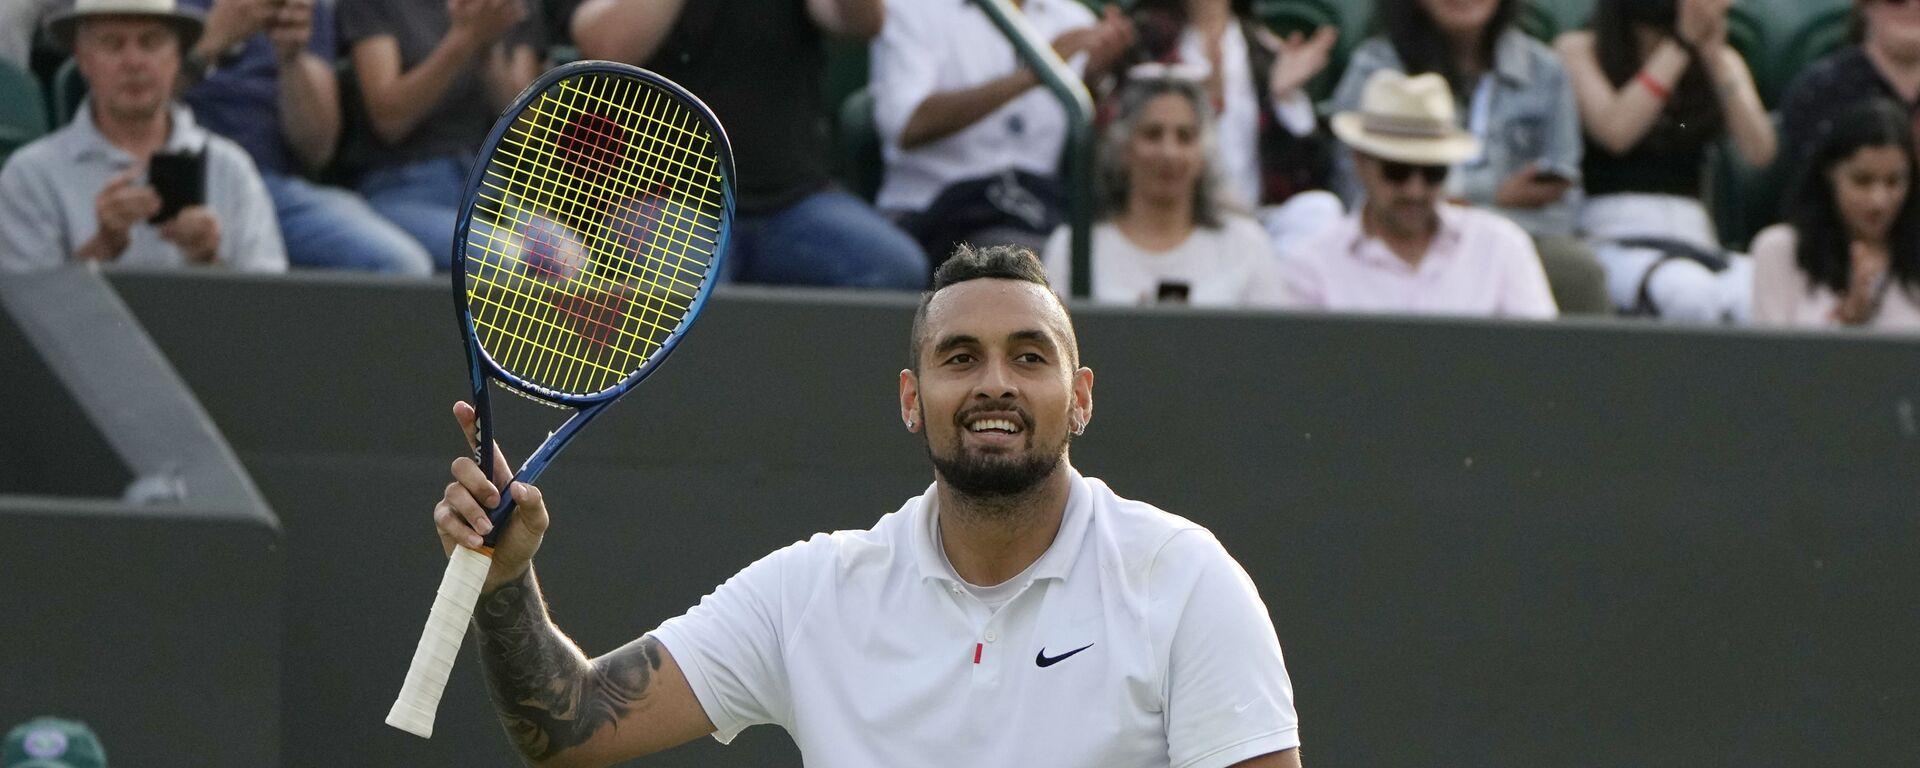 Nik Kirjos, australijski teniser - Sputnik Srbija, 1920, 03.07.2021